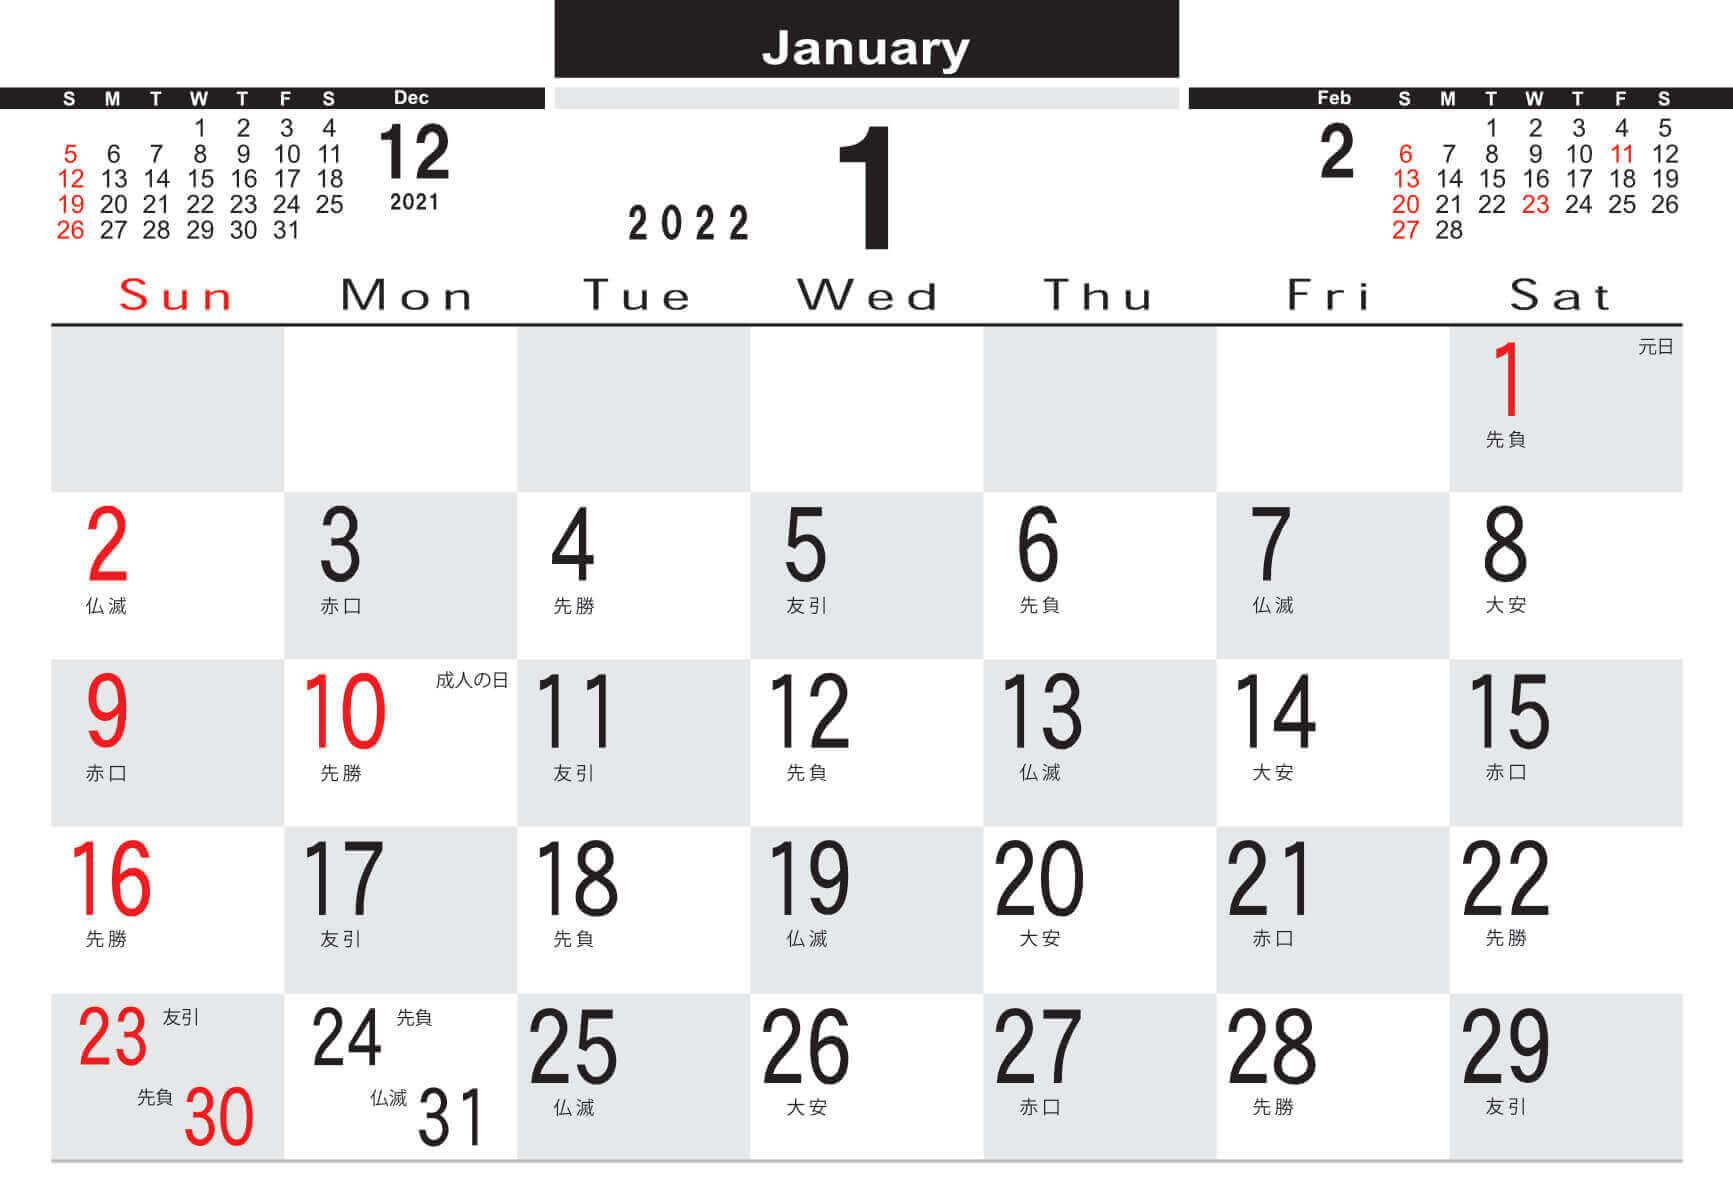 デザインデスク 2022年カレンダーの画像